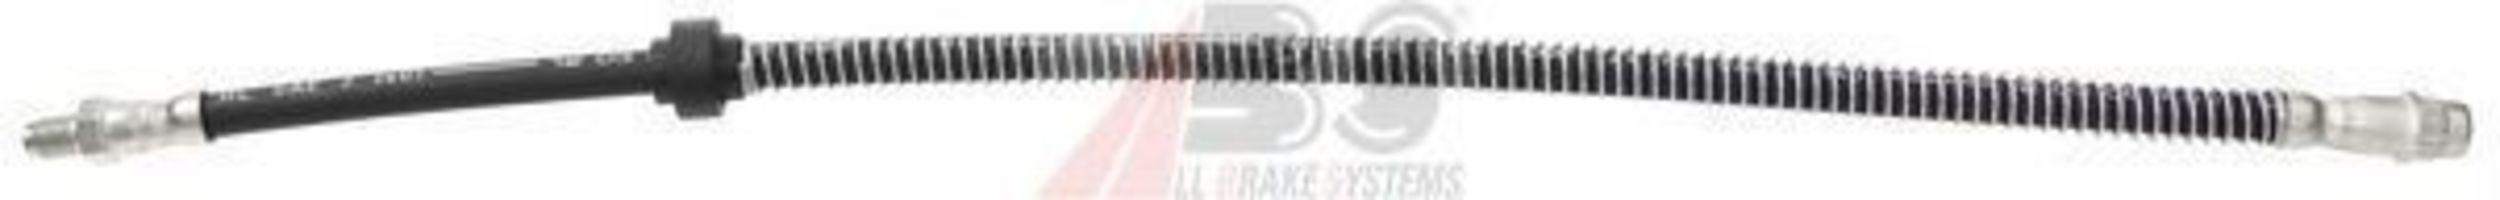 Шланг тормозной A.B.S. SL 5591